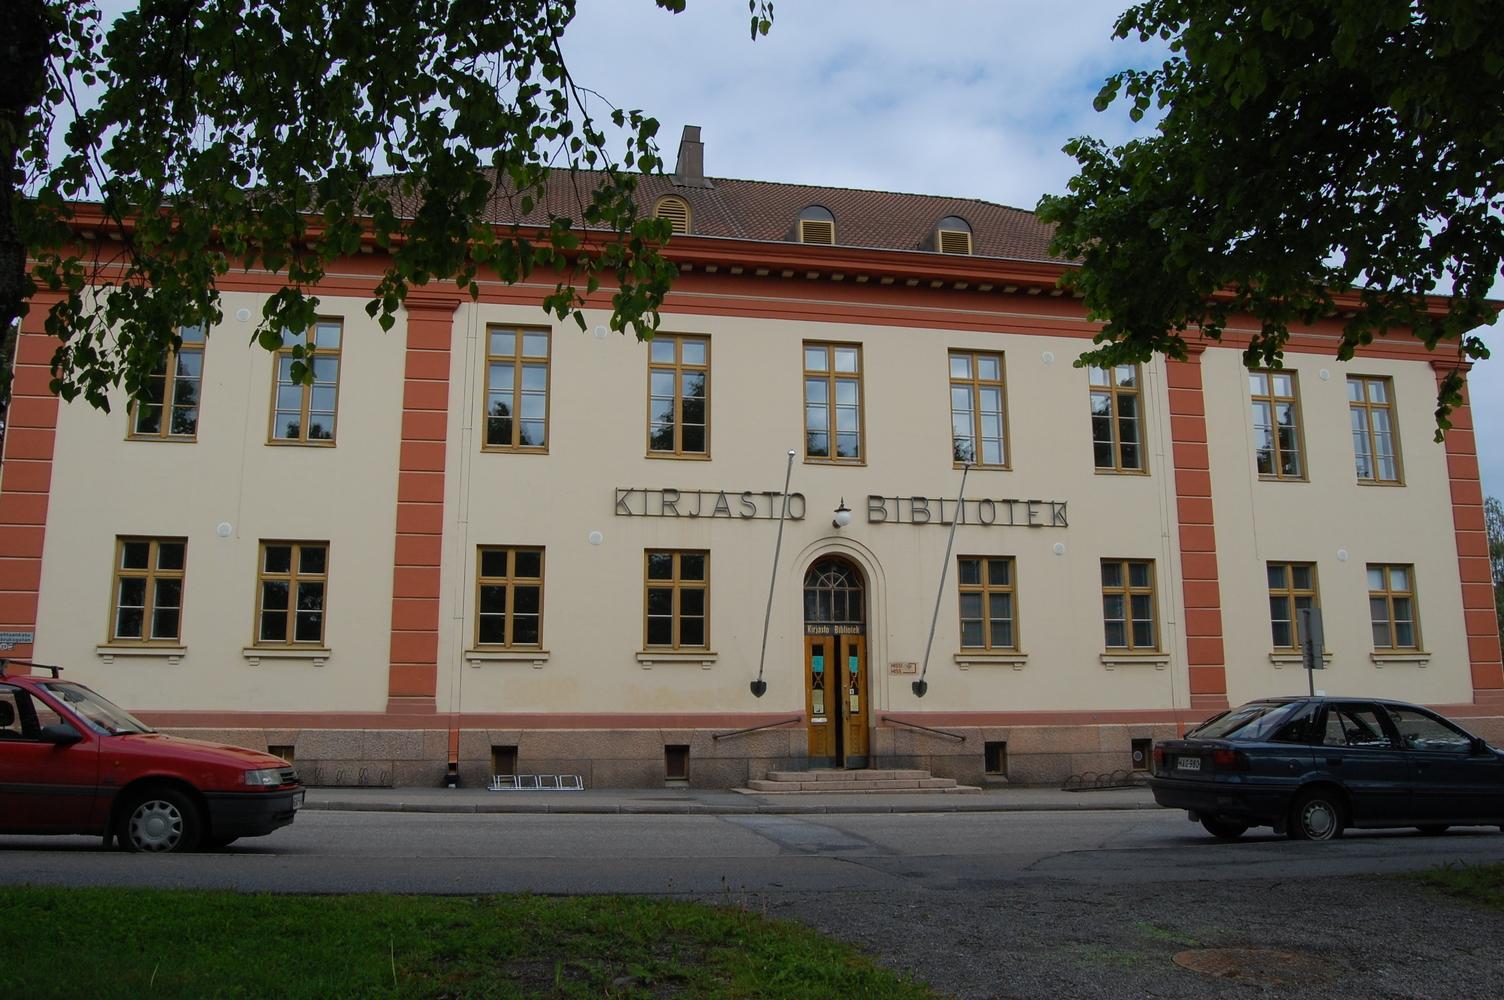 Palosaari library